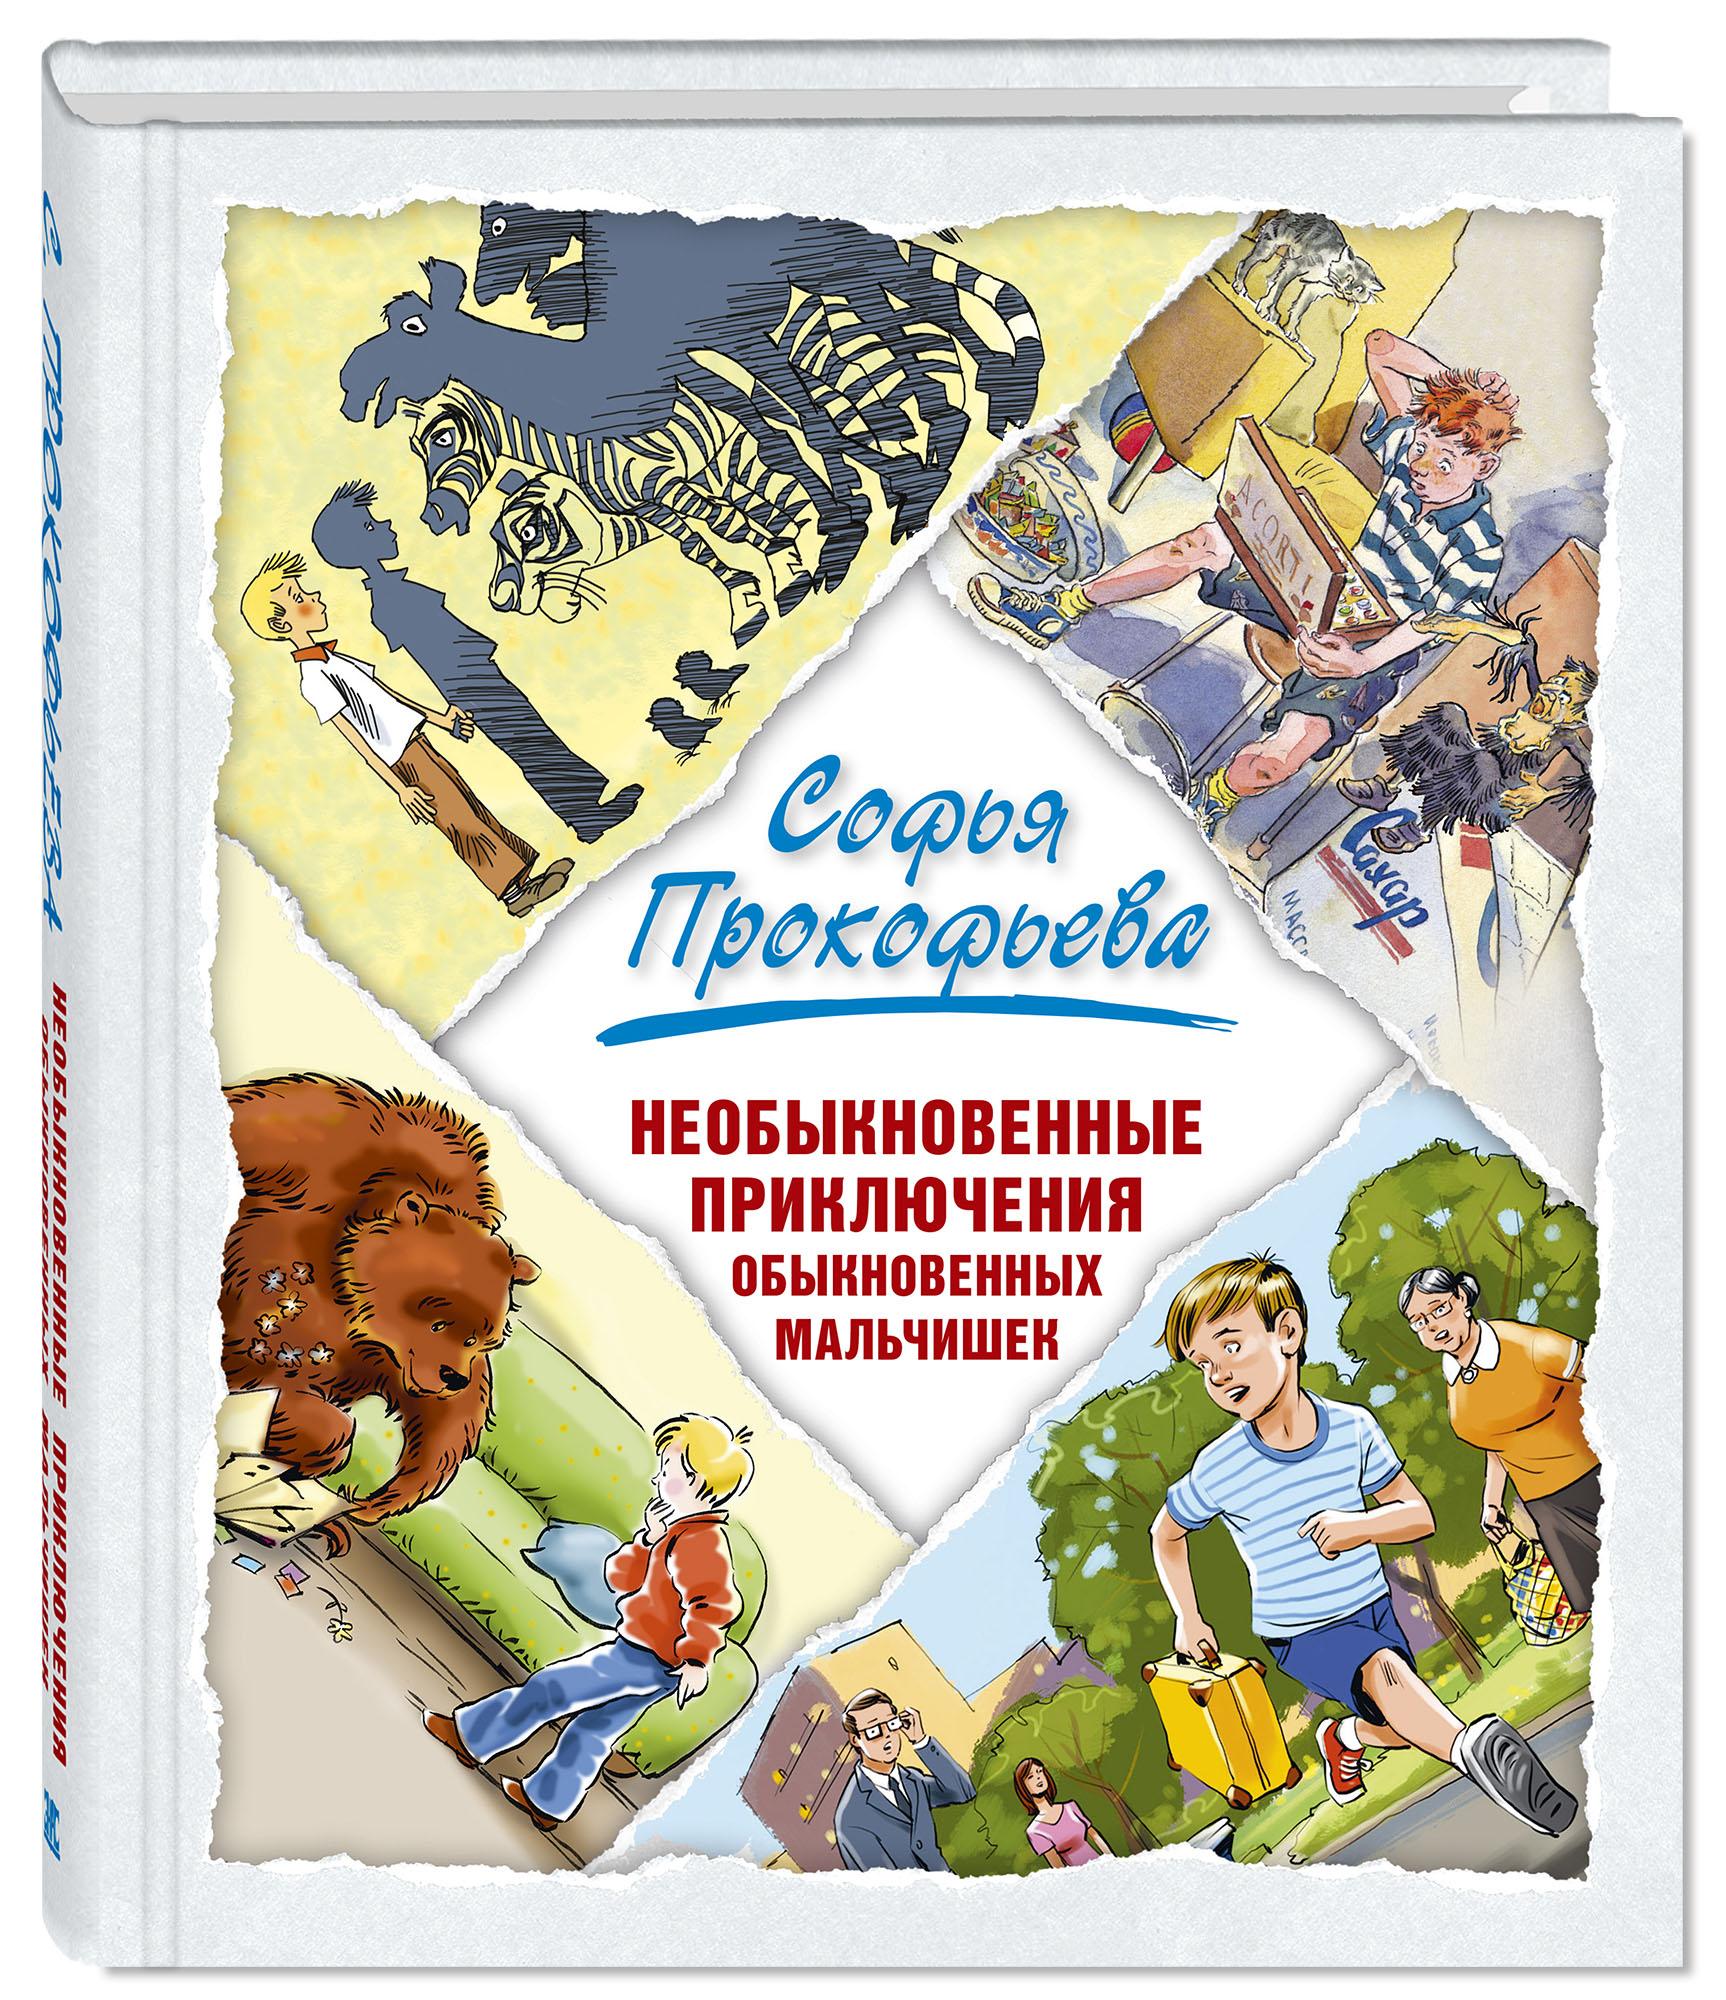 Софья Прокофьева Необыкновенные приключения обыкновенных мальчишек